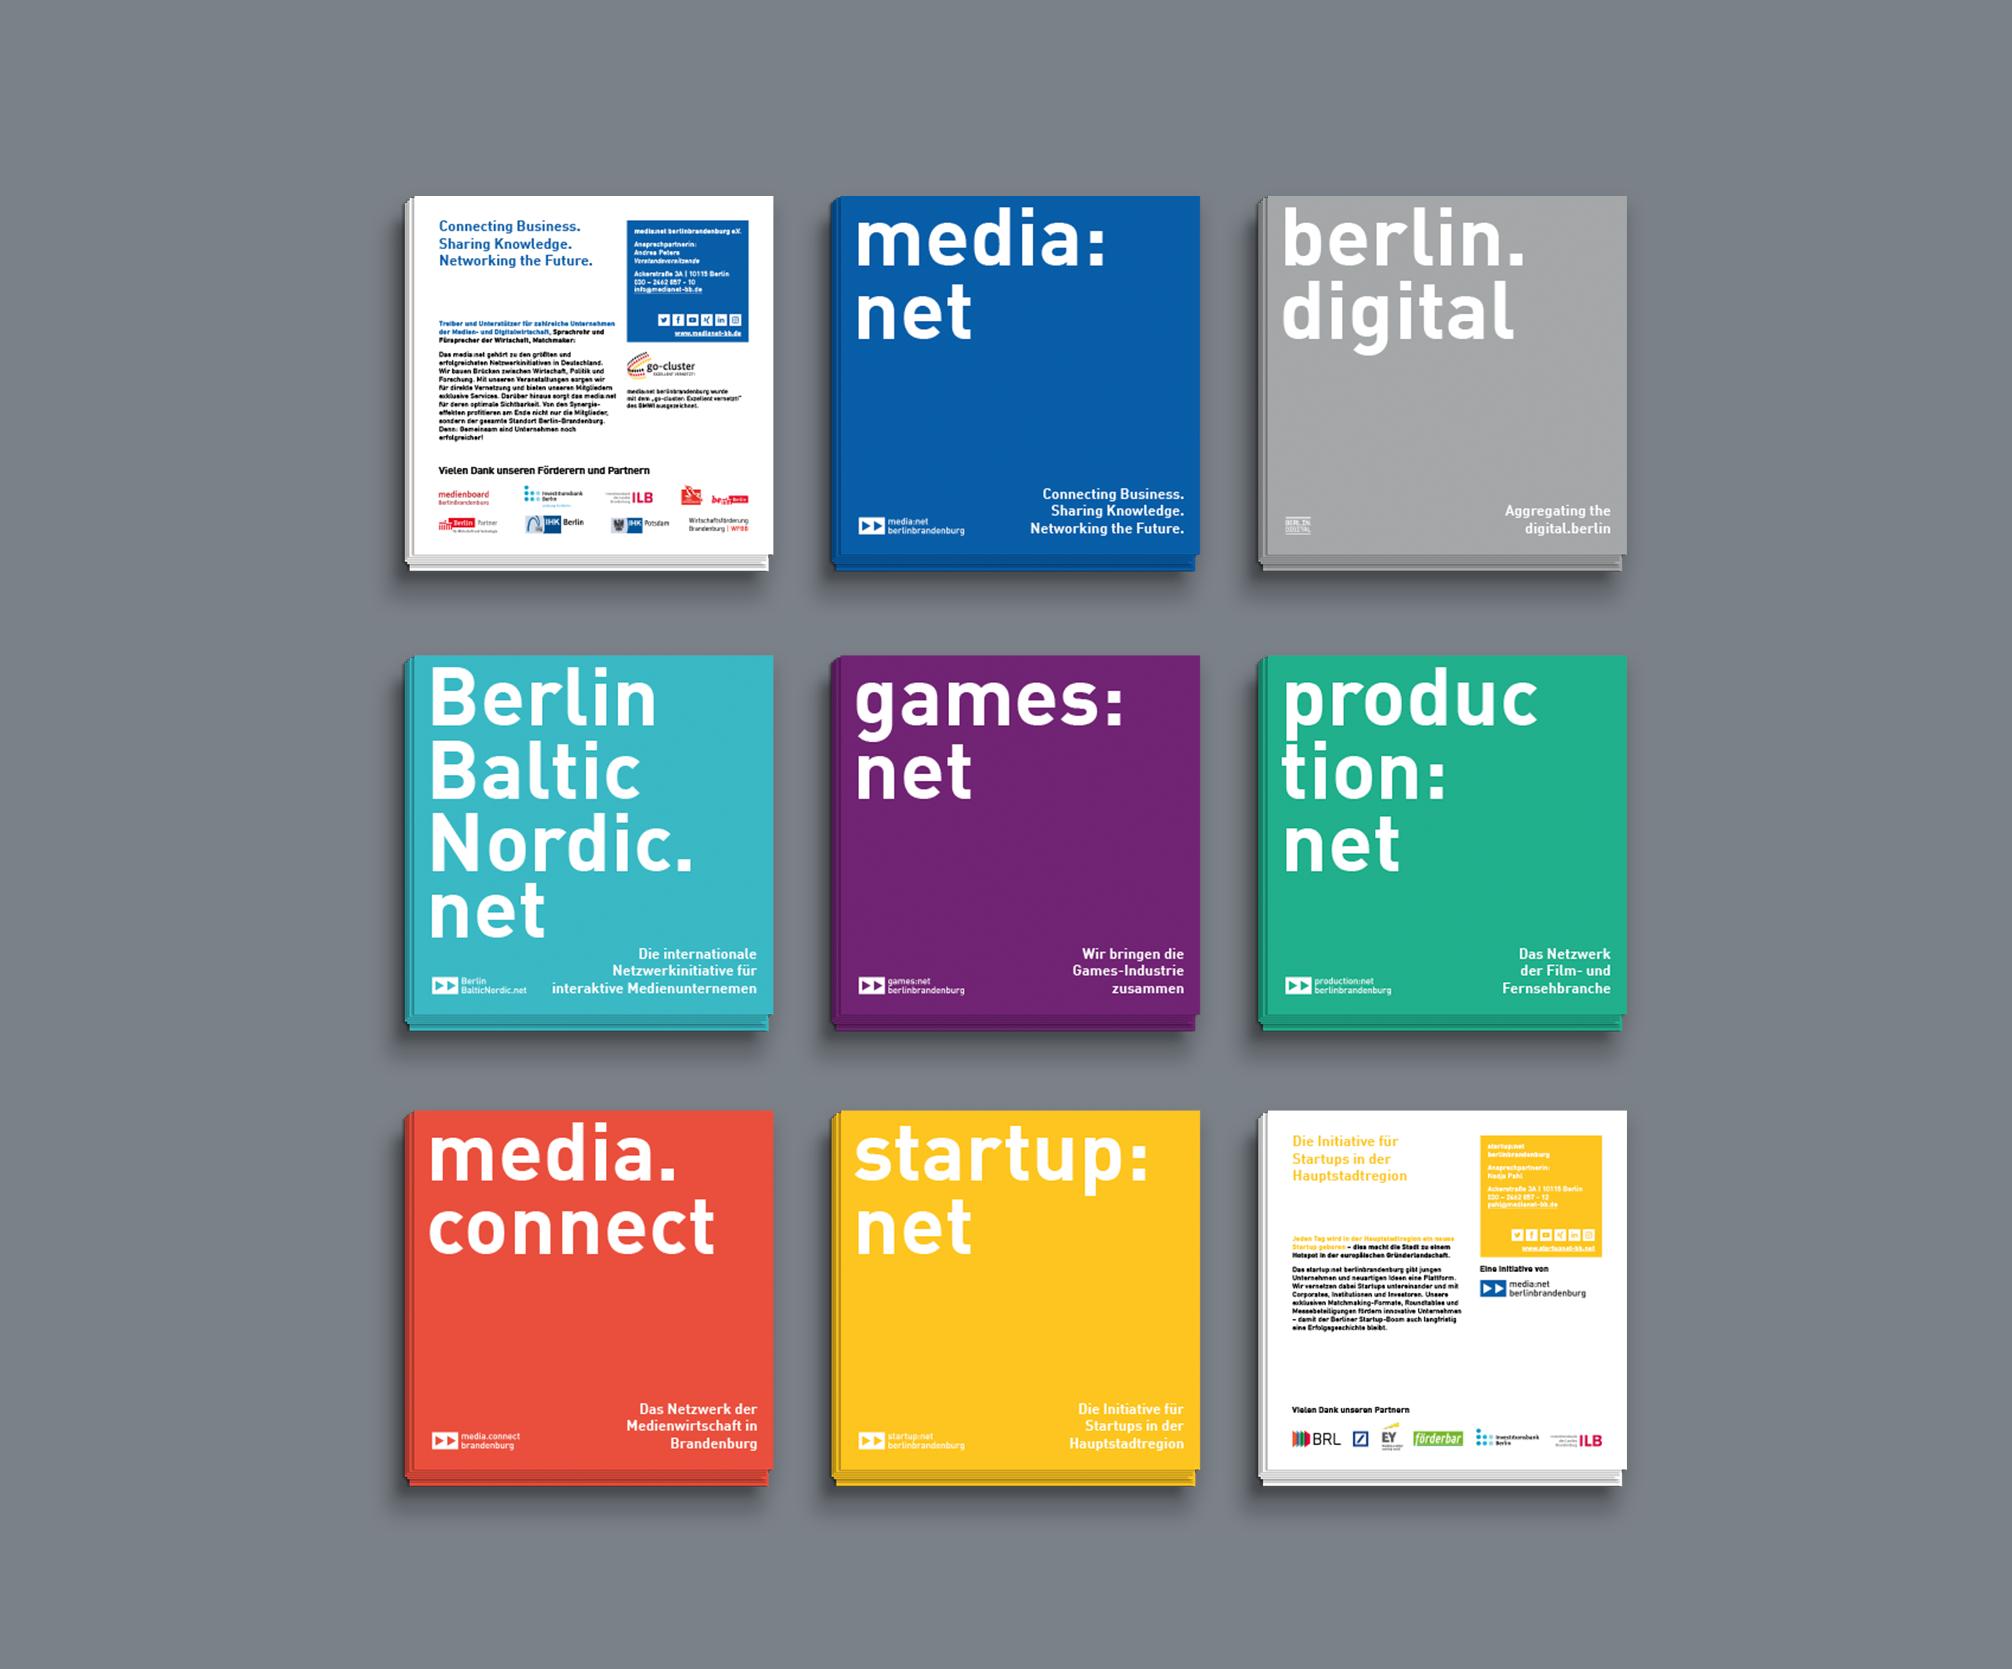 Zweiseitige Flyer media net berlinbrandenburg und Initiativen - Corporate Identity Redesign